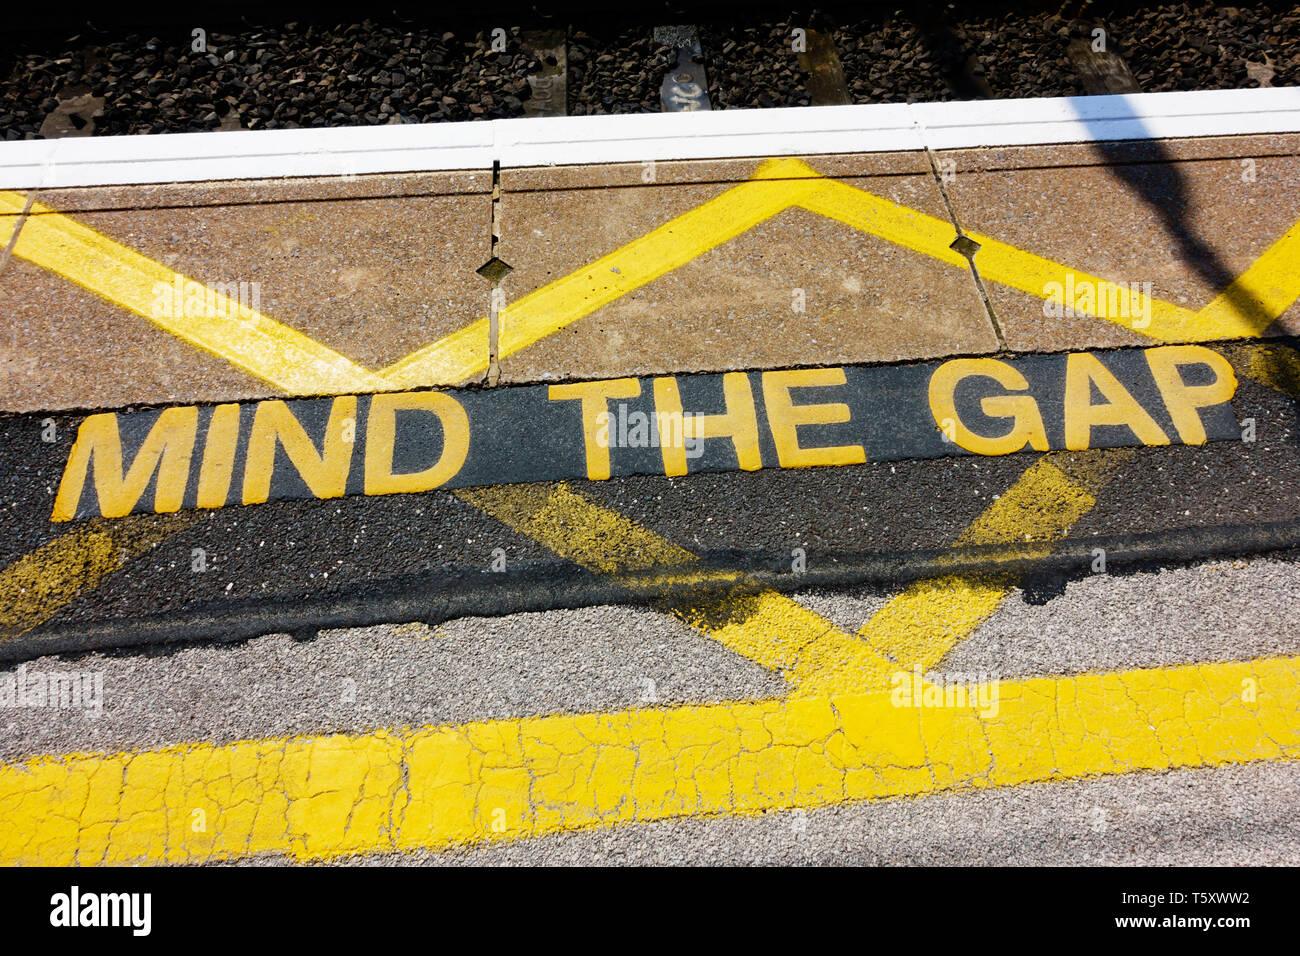 """'Mind la brecha"""" signo de advertencia sobre el borde de la plataforma ferroviaria. Imagen De Stock"""